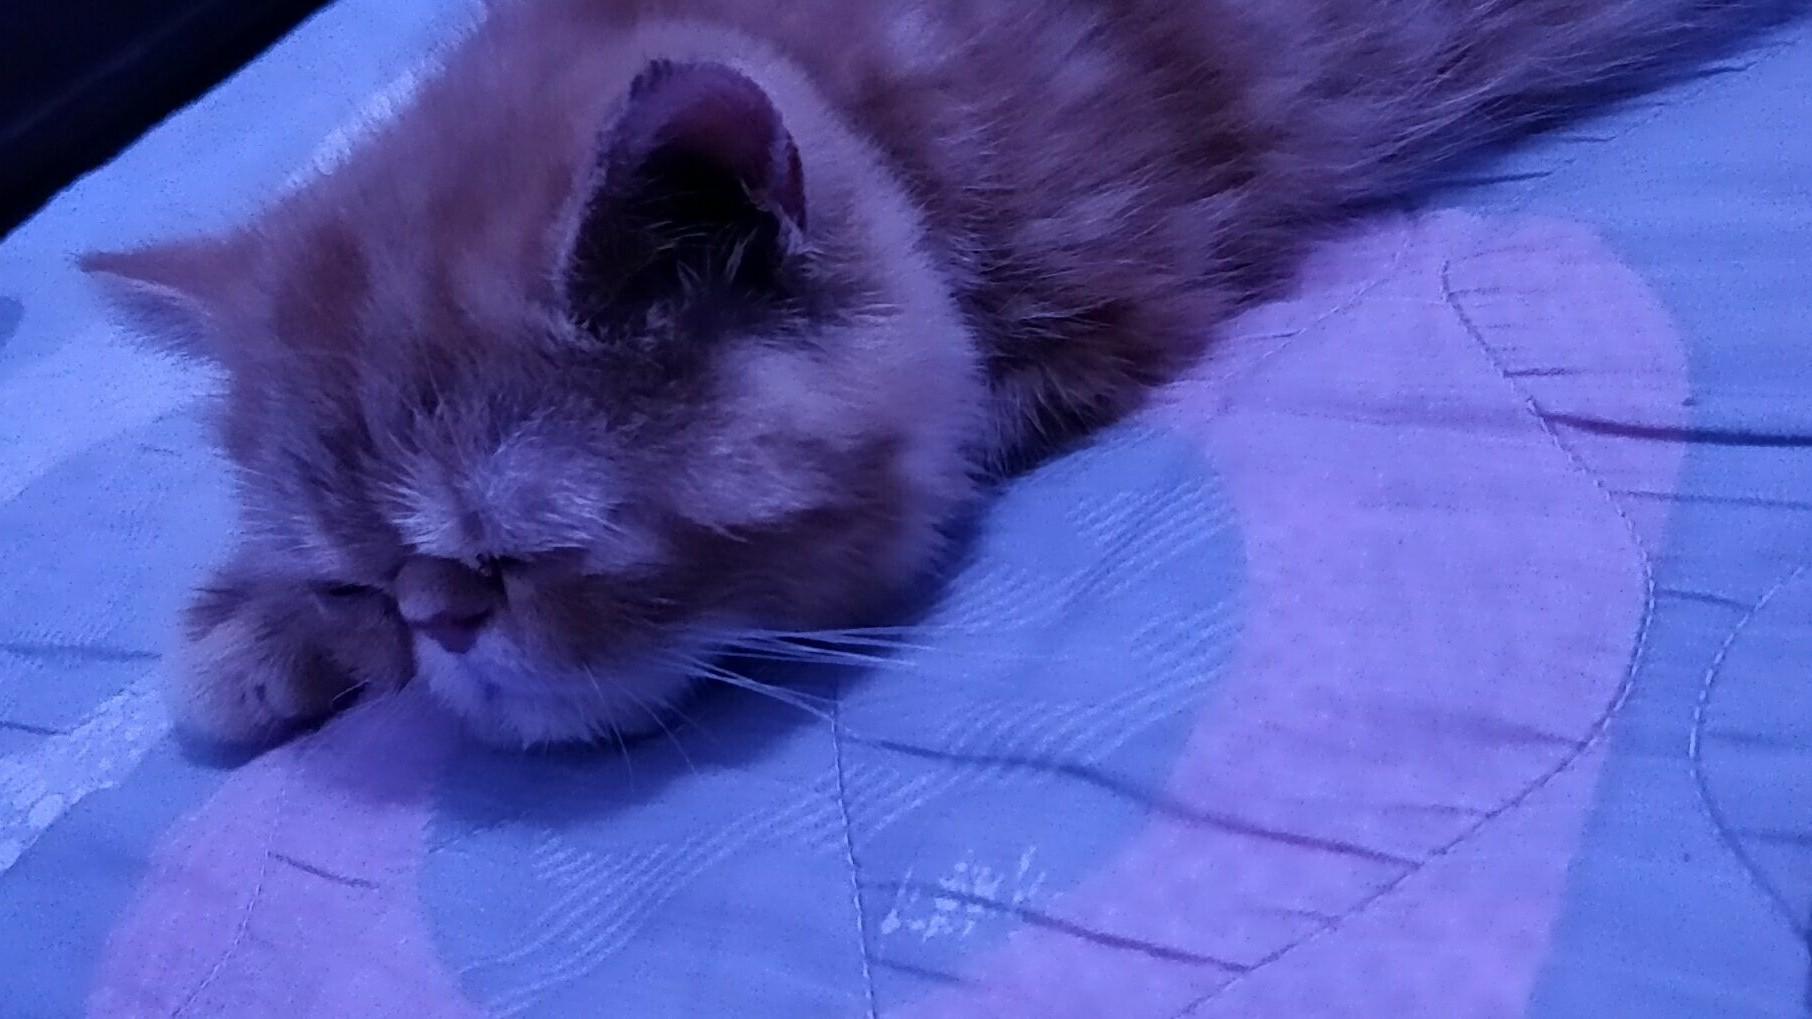 幼女舔几把_未成年幼女猫迷恋上小的的耳朵,舔着舔着居然睡着了